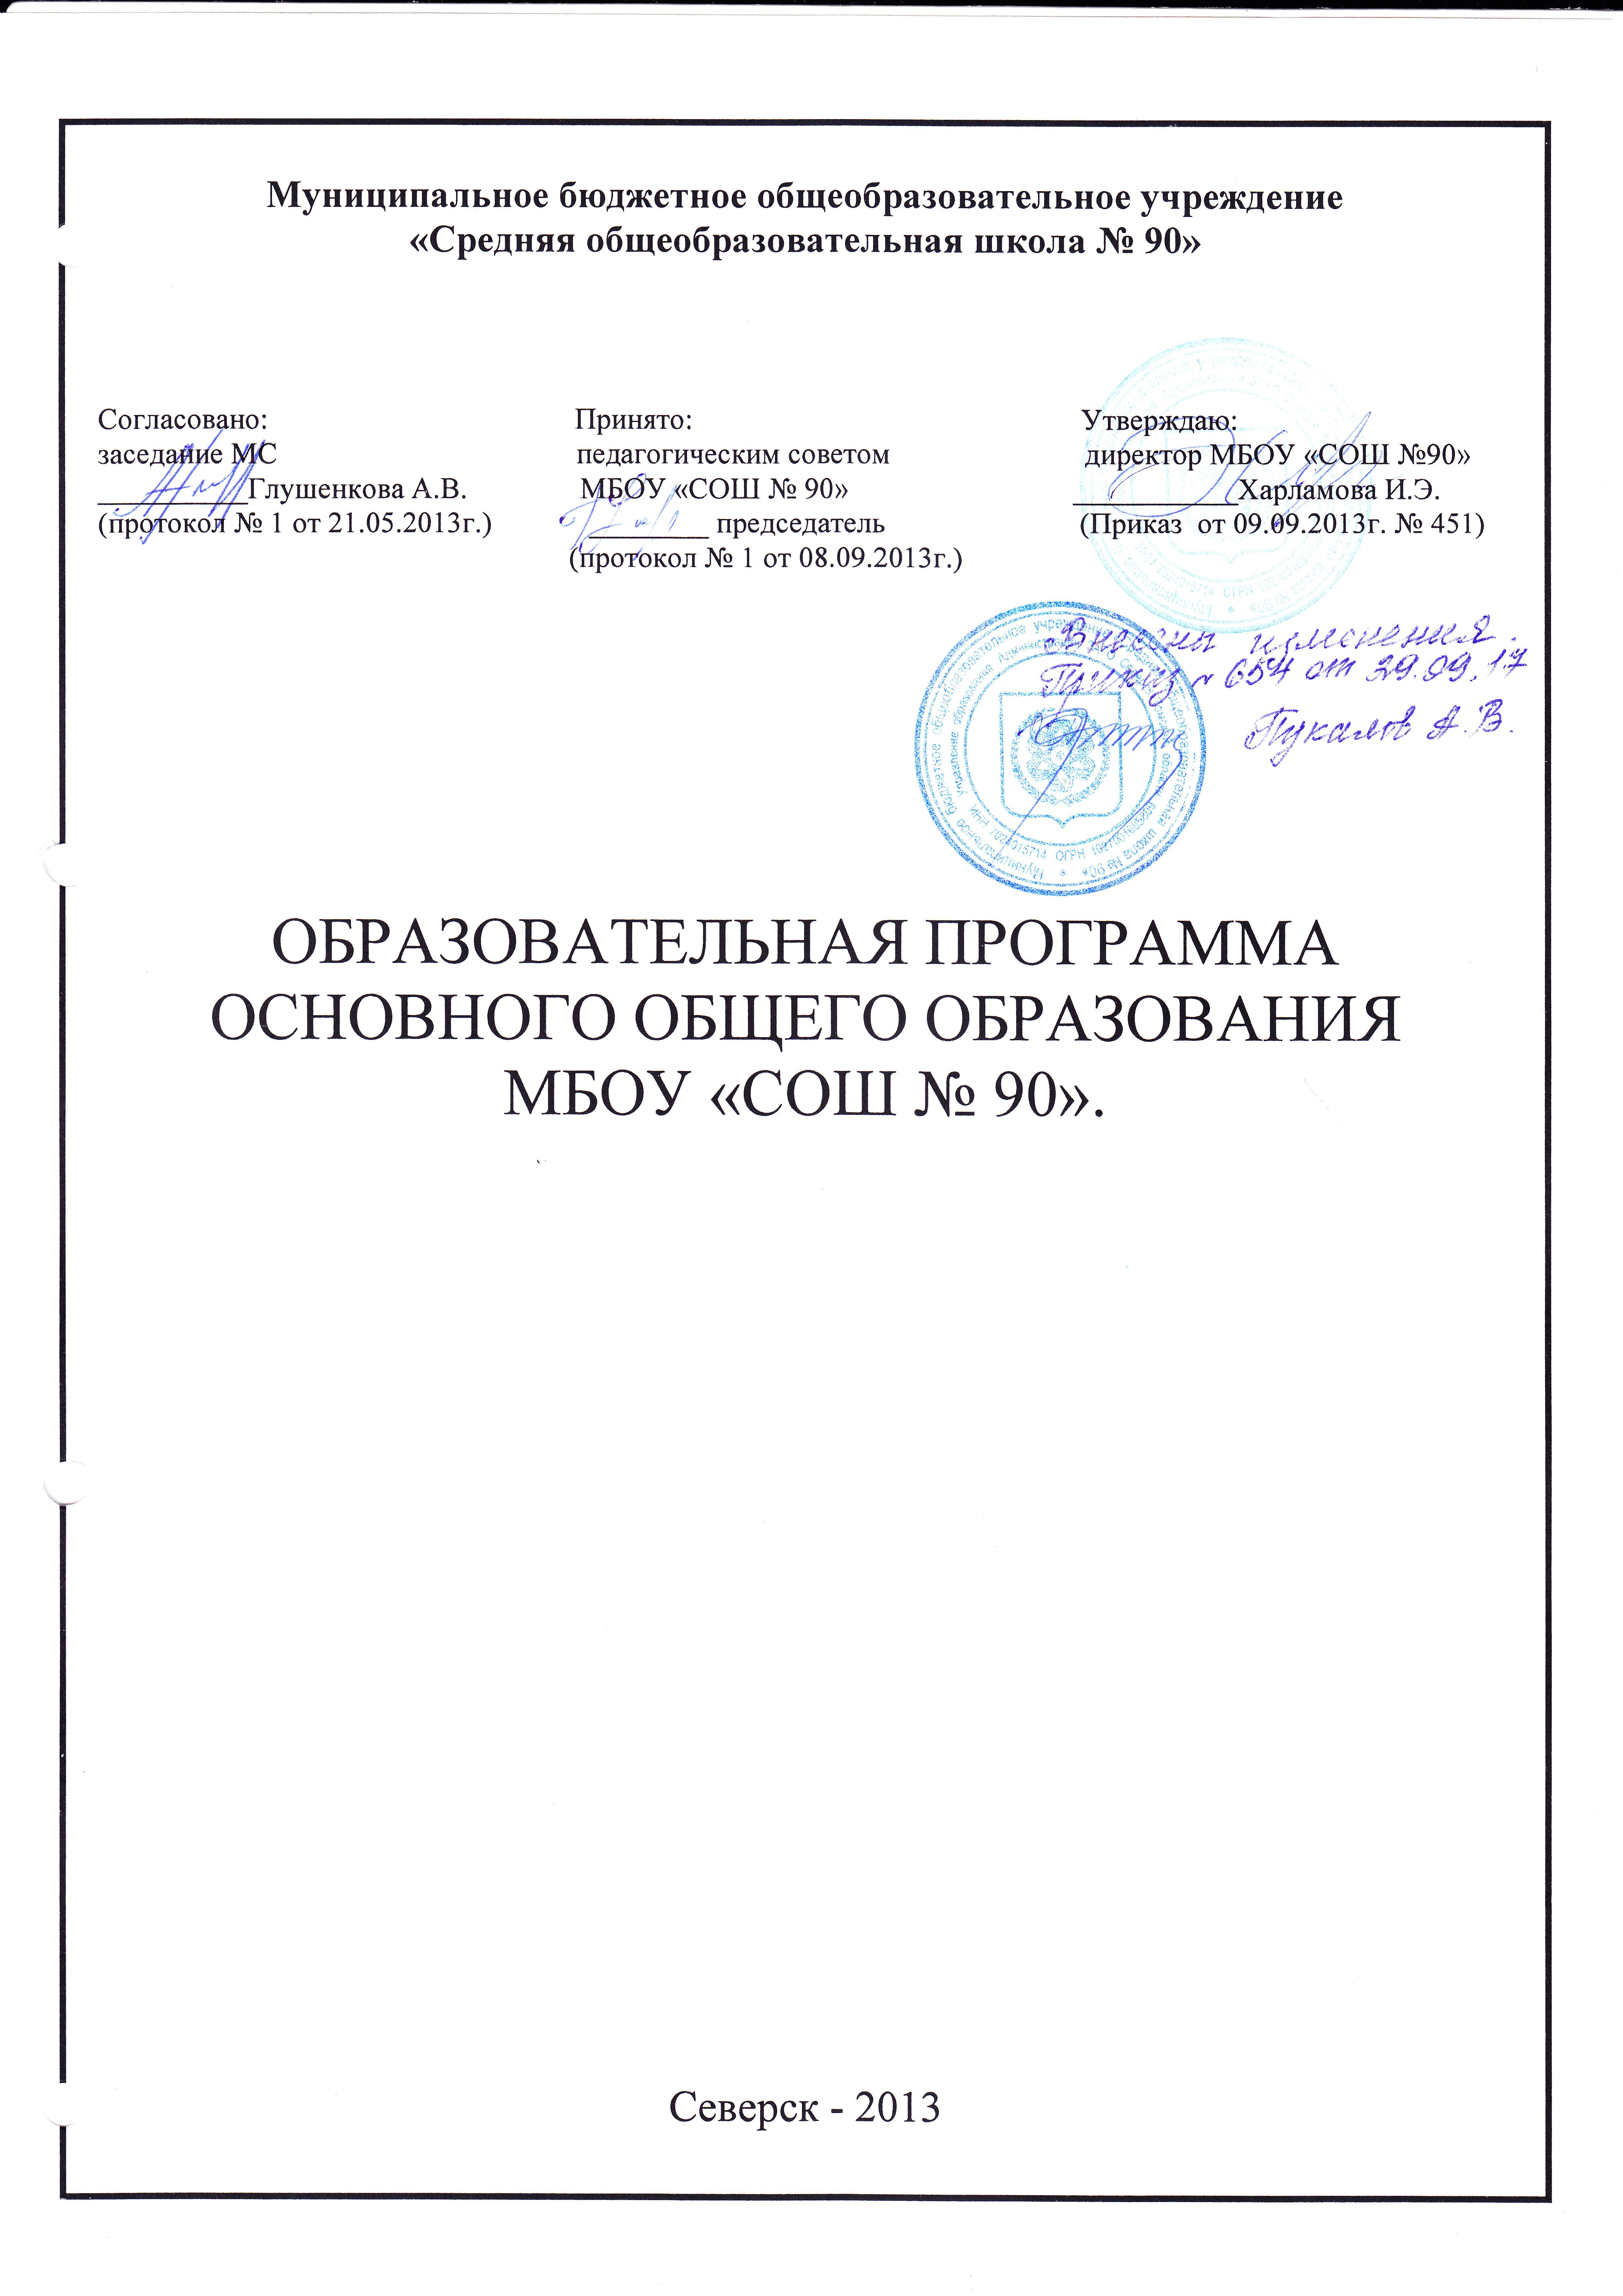 Должностная инструкция руководителя муниципального учреждения плавательный бассейн